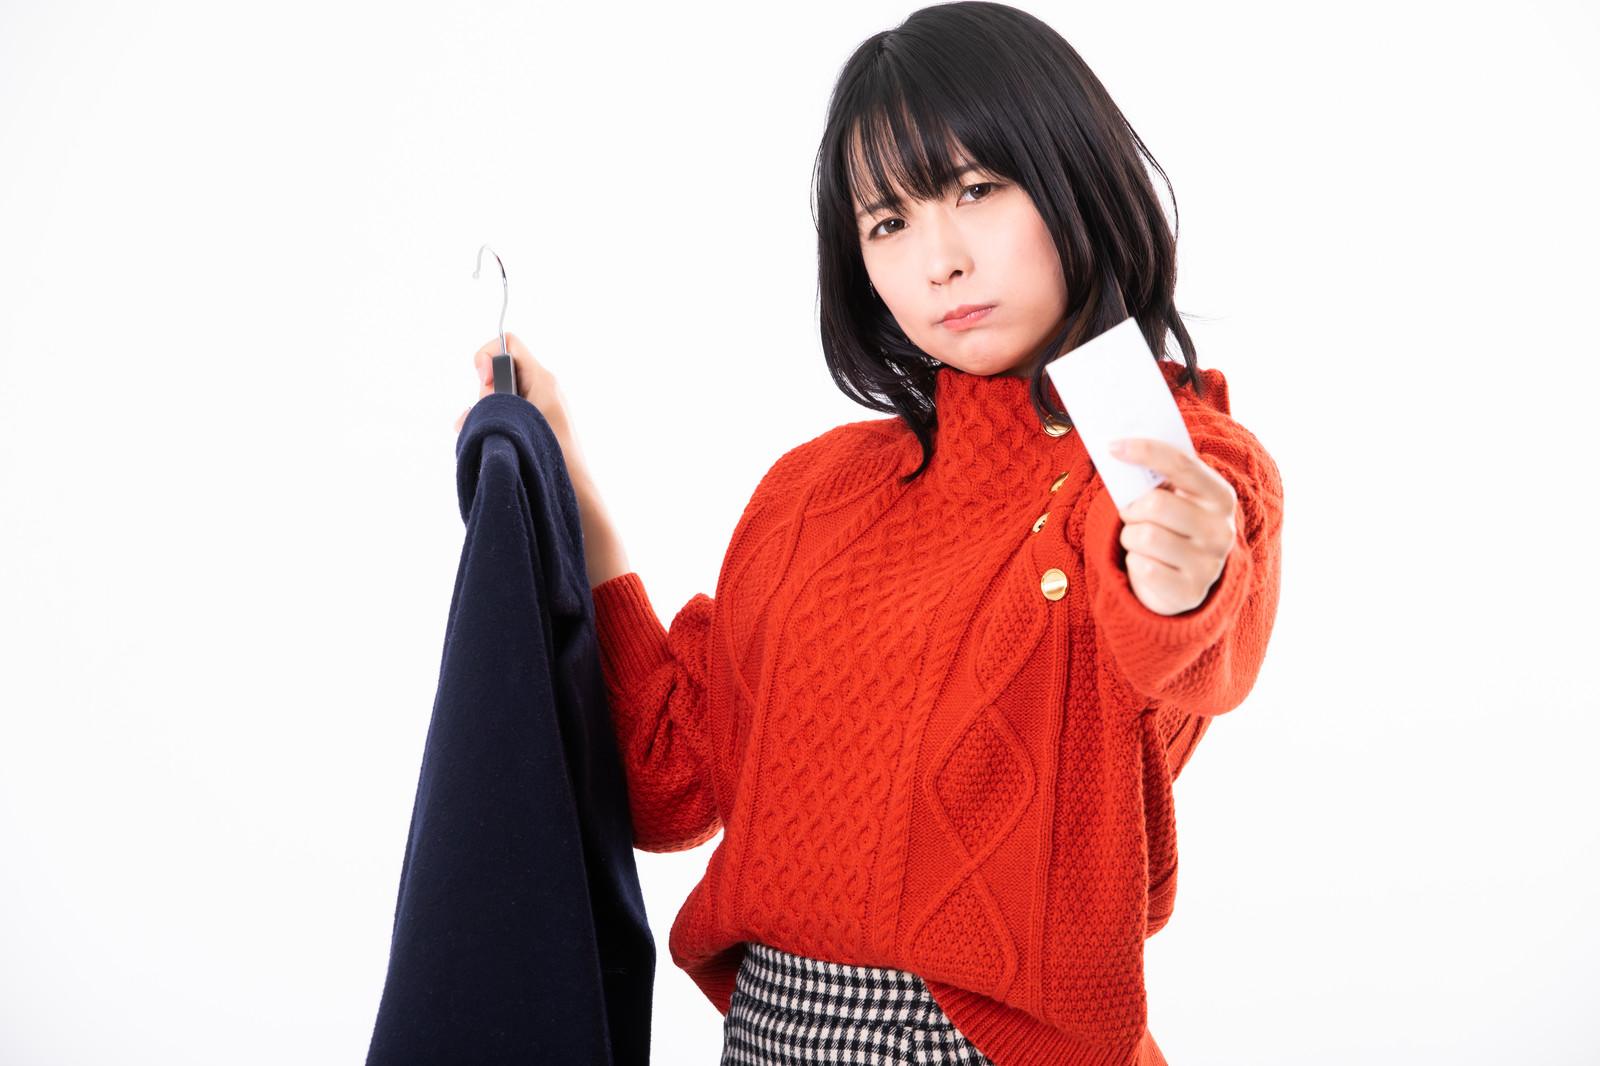 コートから名刺を取り出す女性